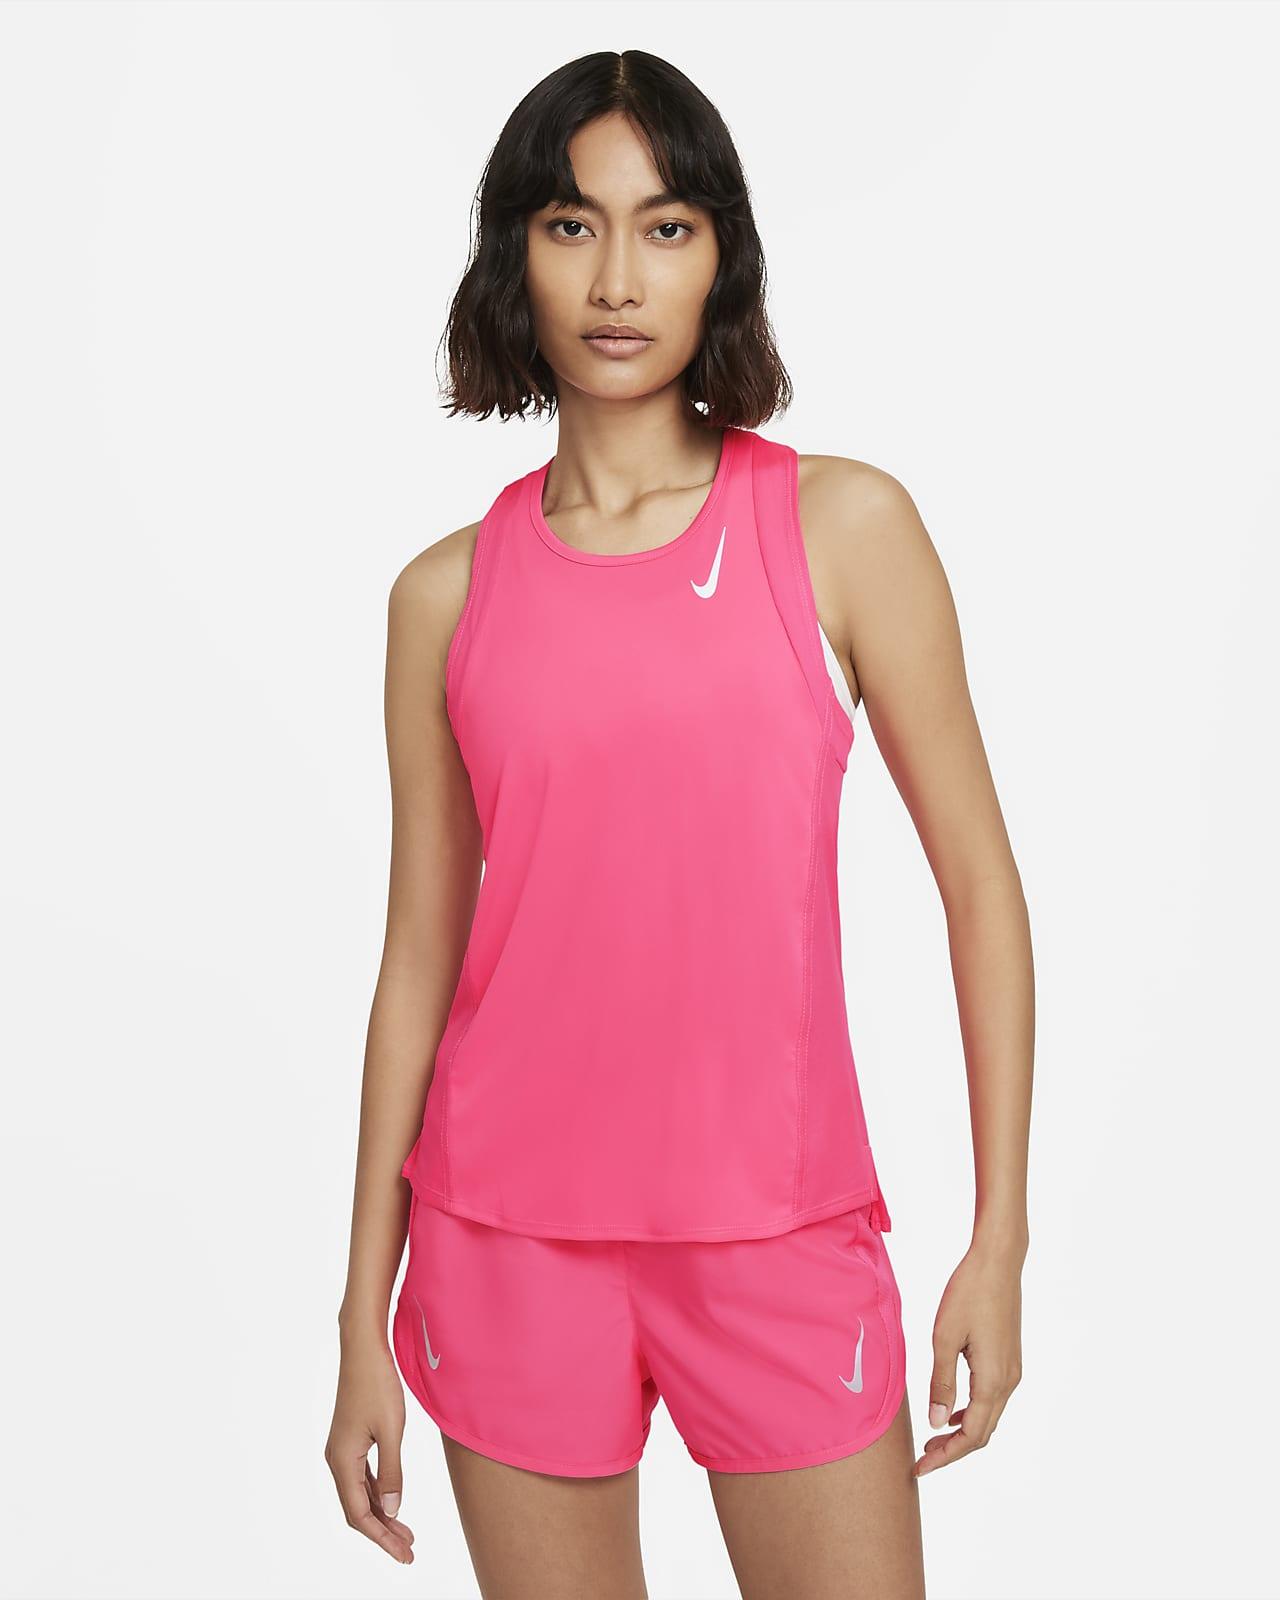 Женская беговая майка Nike Dri-FIT Race